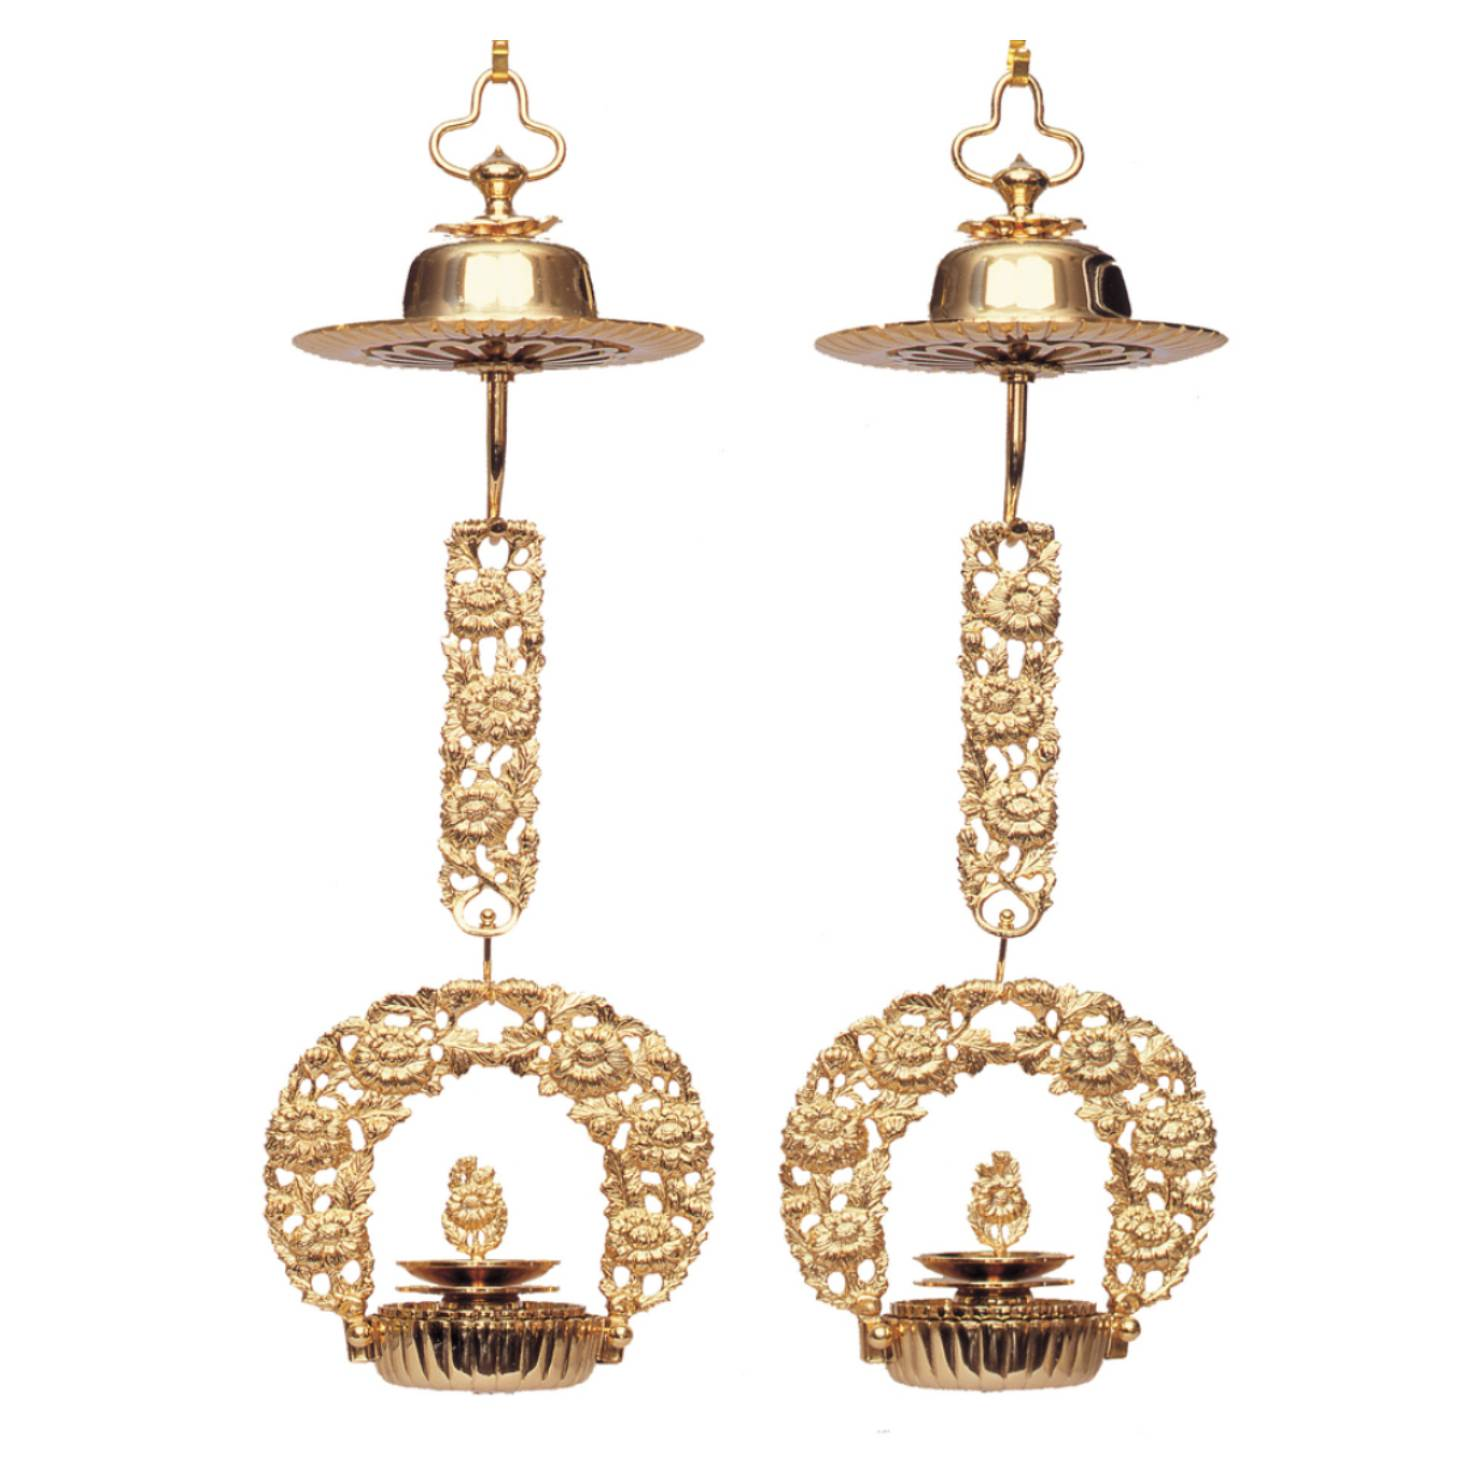 浄土真宗の浄土真宗本願寺派における正式な輪灯の菊輪灯